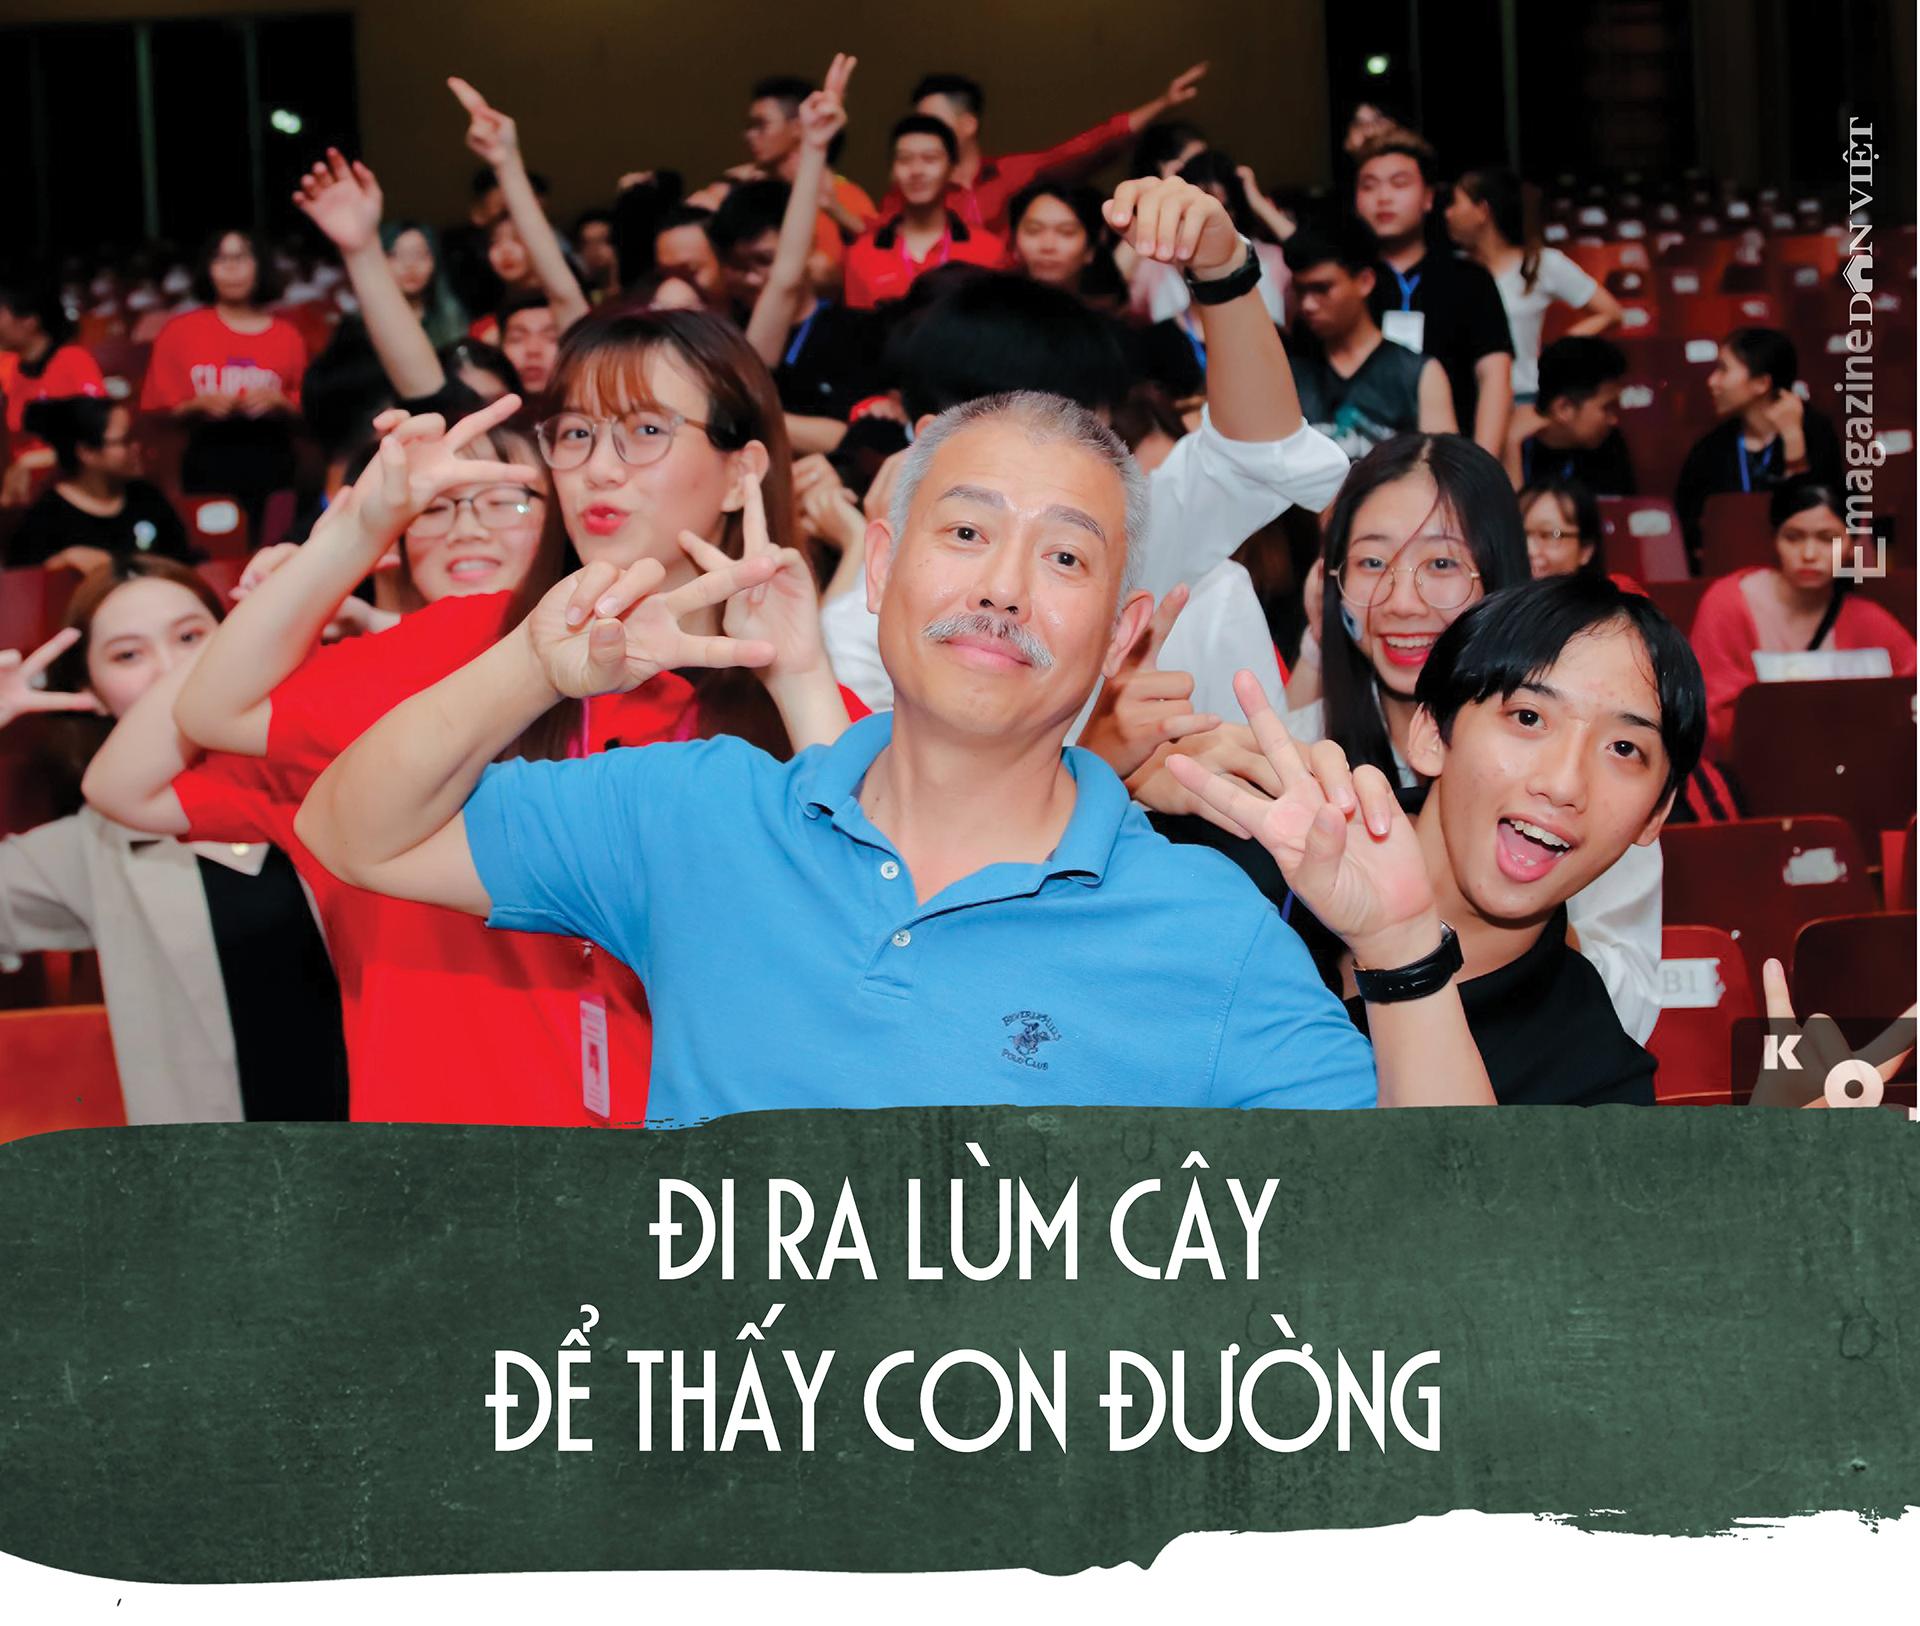 """Giáo sư """"quần đùi"""" Trương Nguyện Thành: """"Xóa học"""" để không đi theo lối mòn trong khoa học và tư duy - Ảnh 8."""